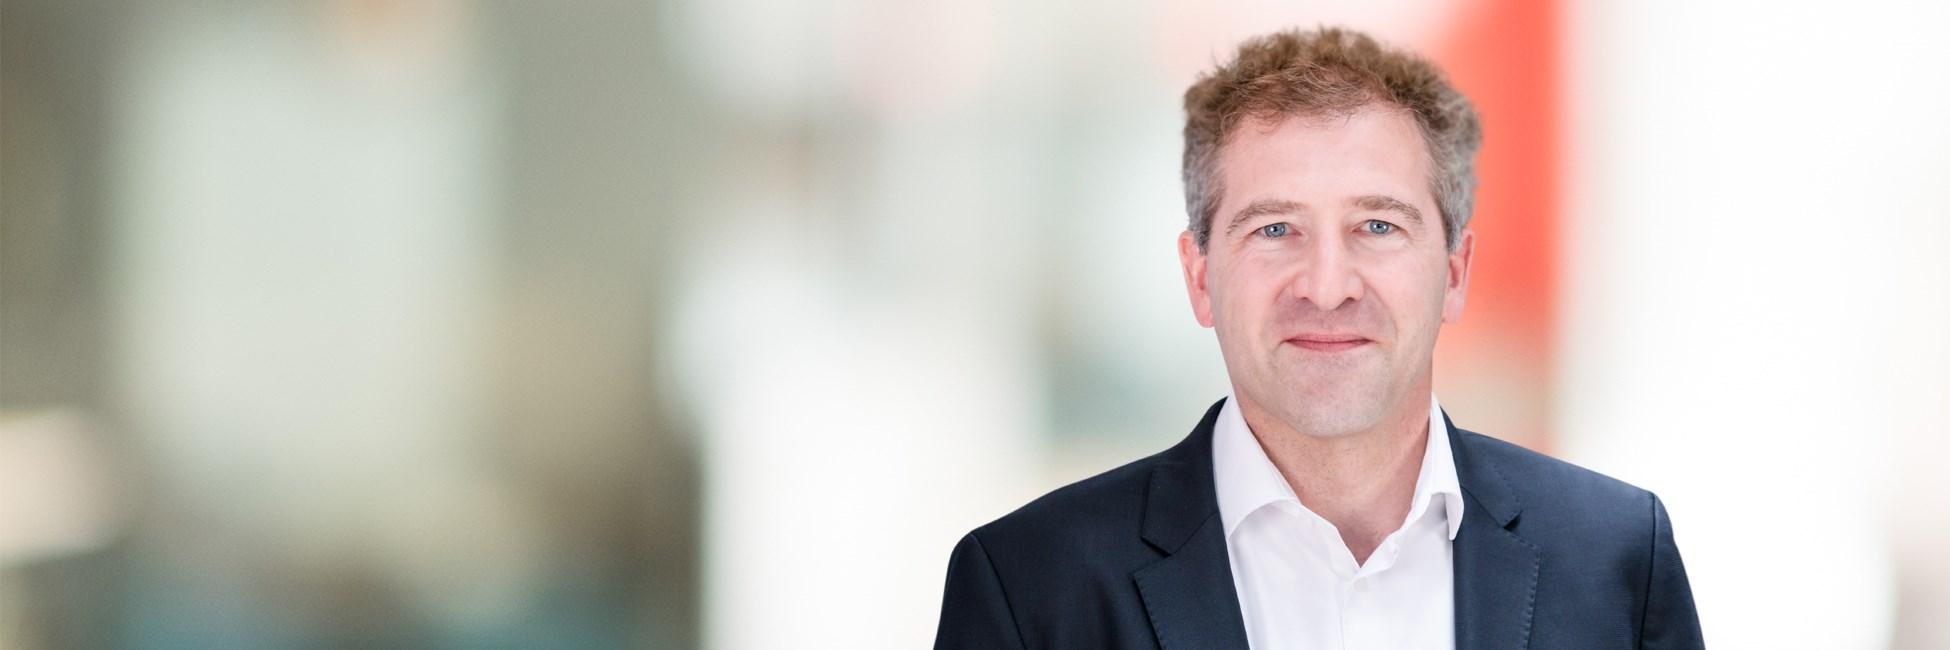 Josef Rieder Management Consultant Bain Company